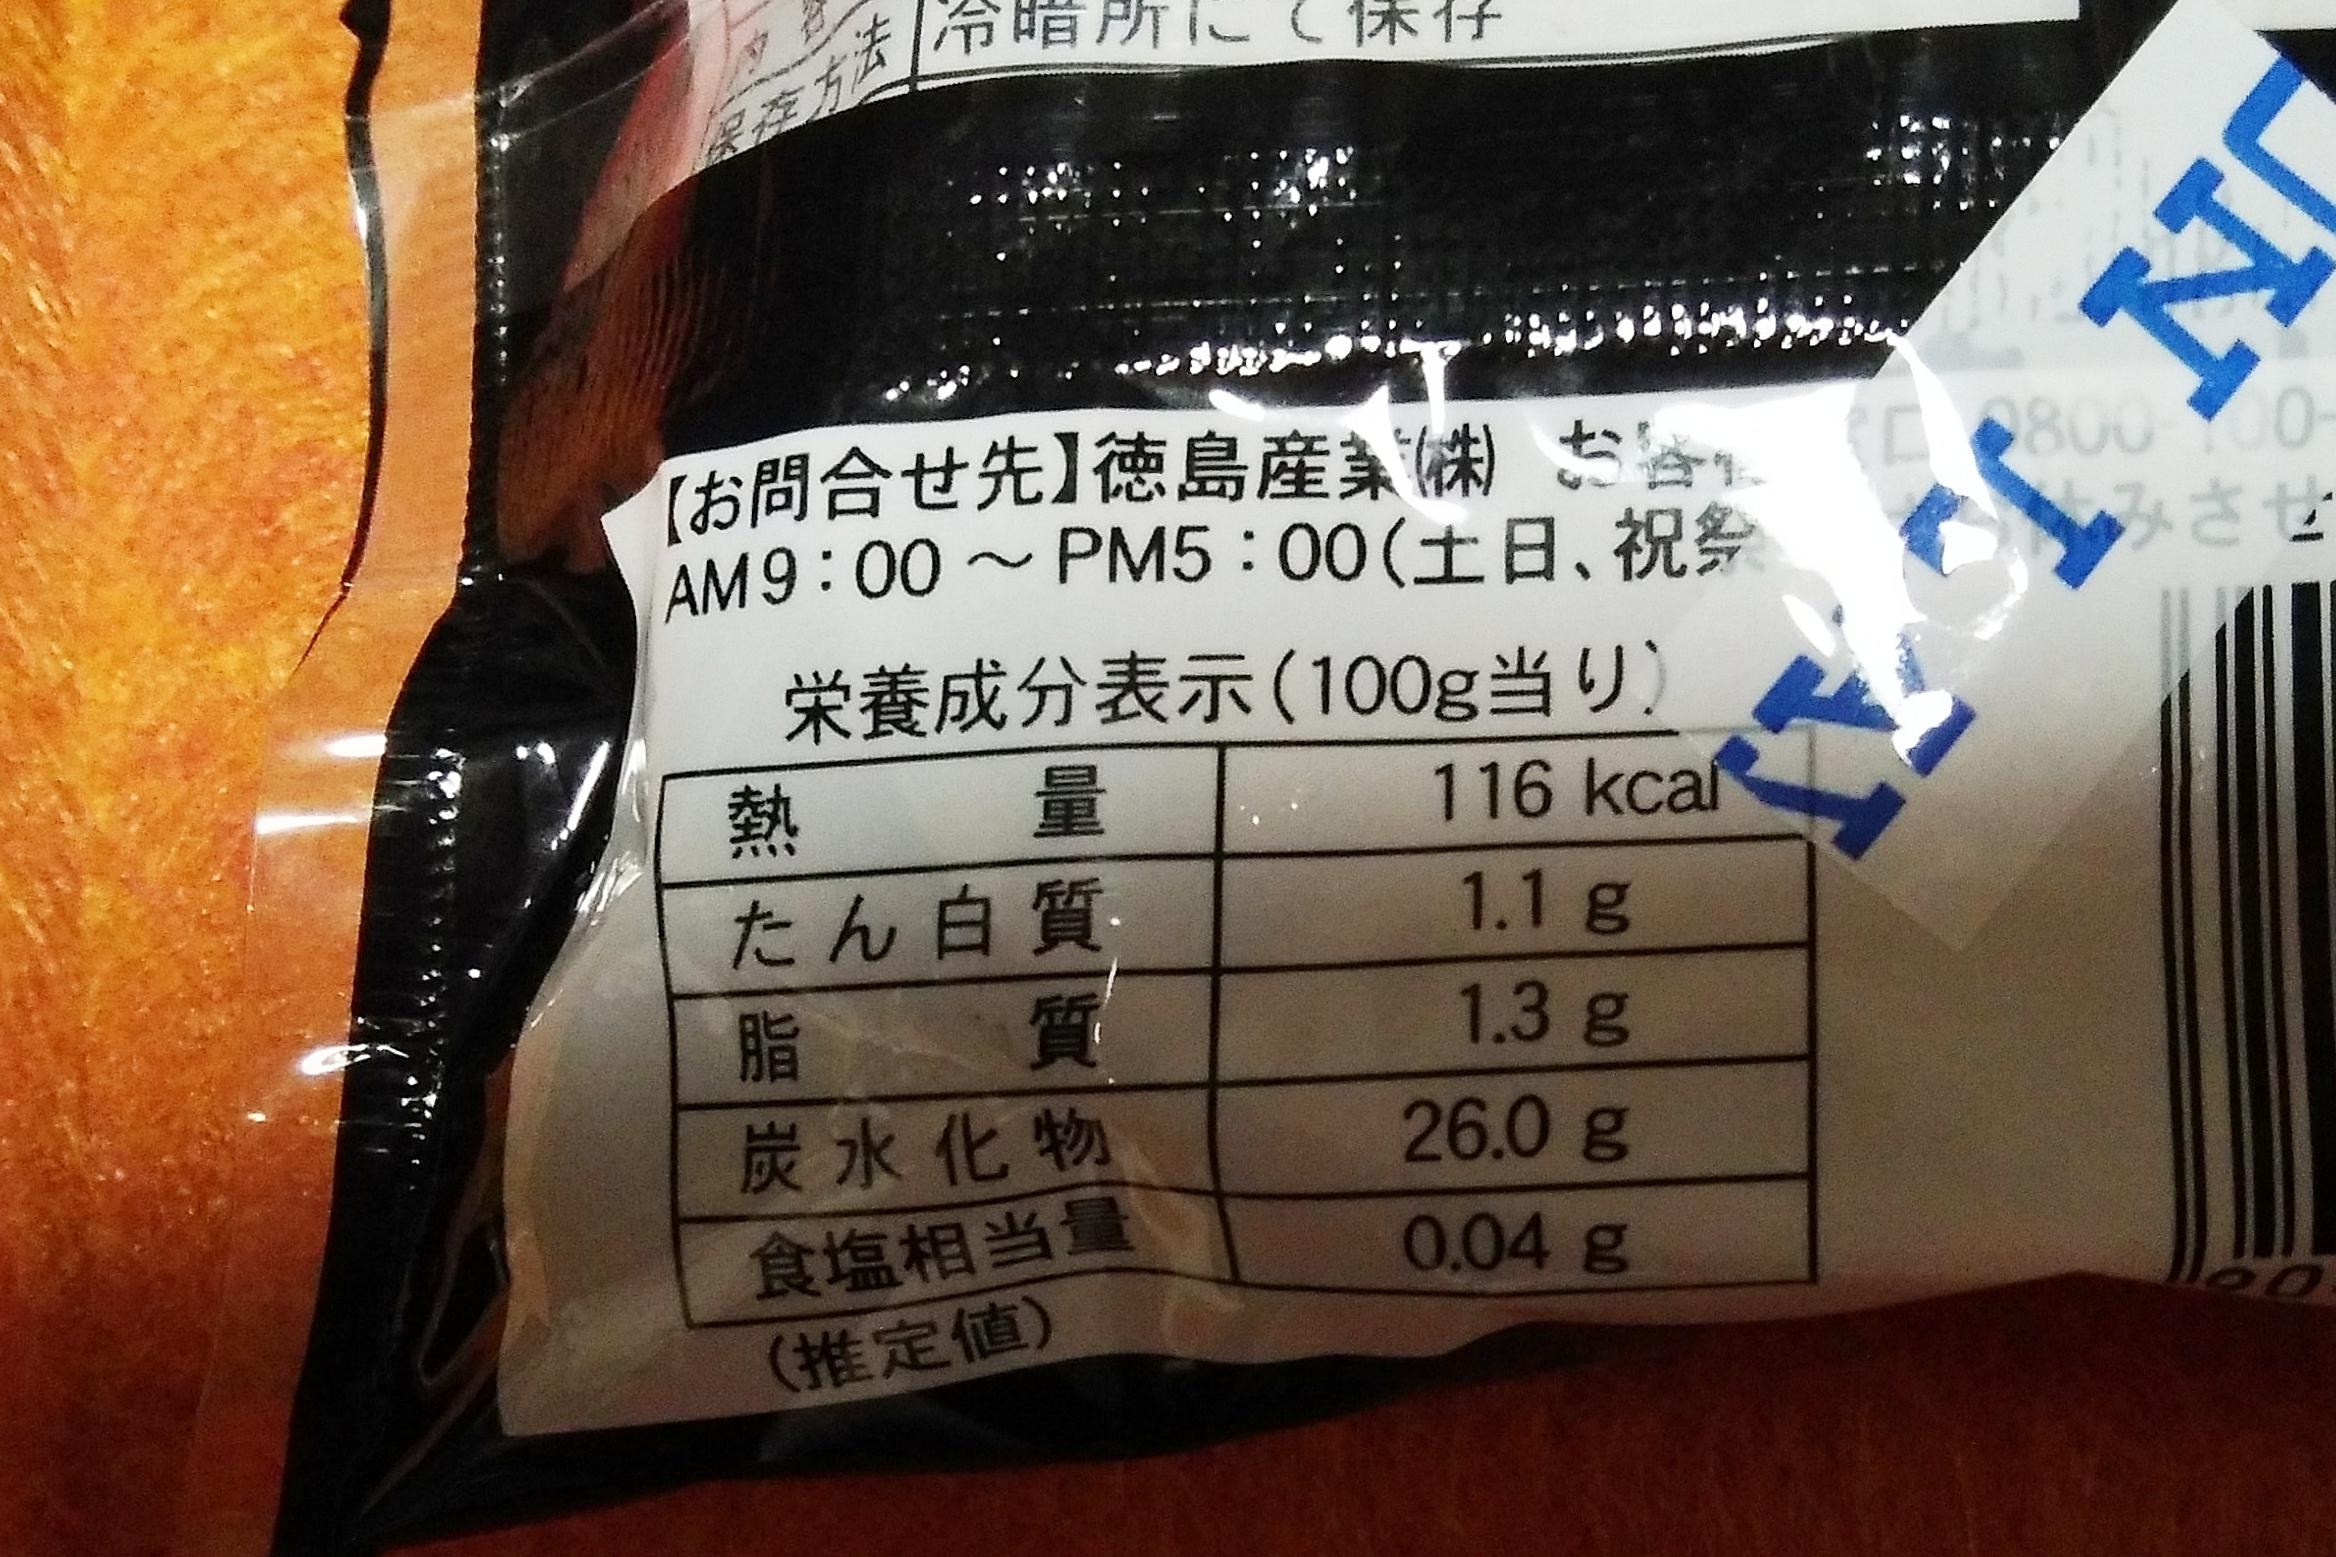 ローソンのほっこりとした焼芋大福!値段やカロリーは?美味しいの?